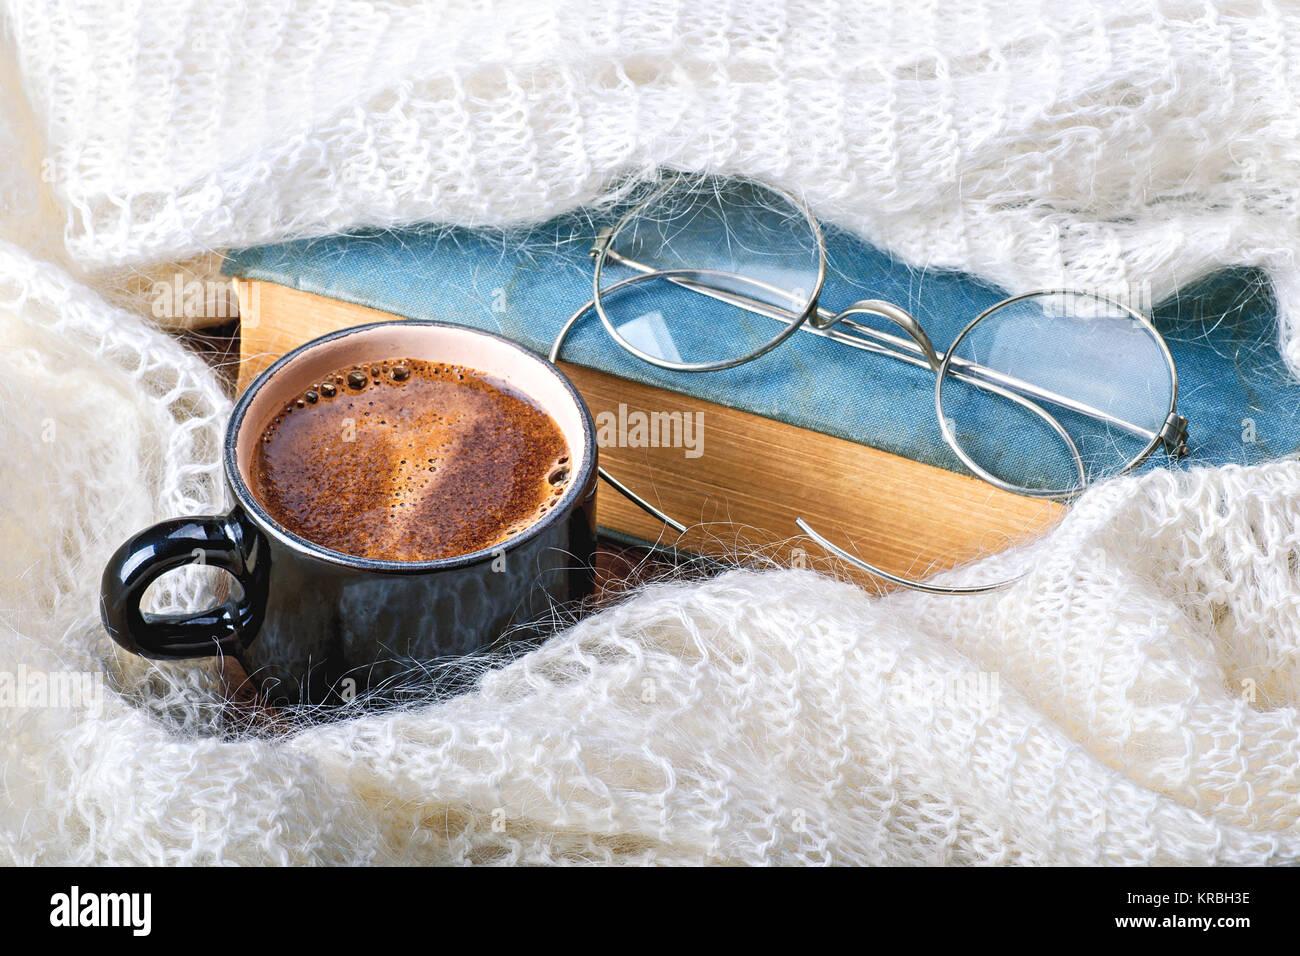 Eine Tasse Kaffee Schal Pullover Oder Warmem Plaid